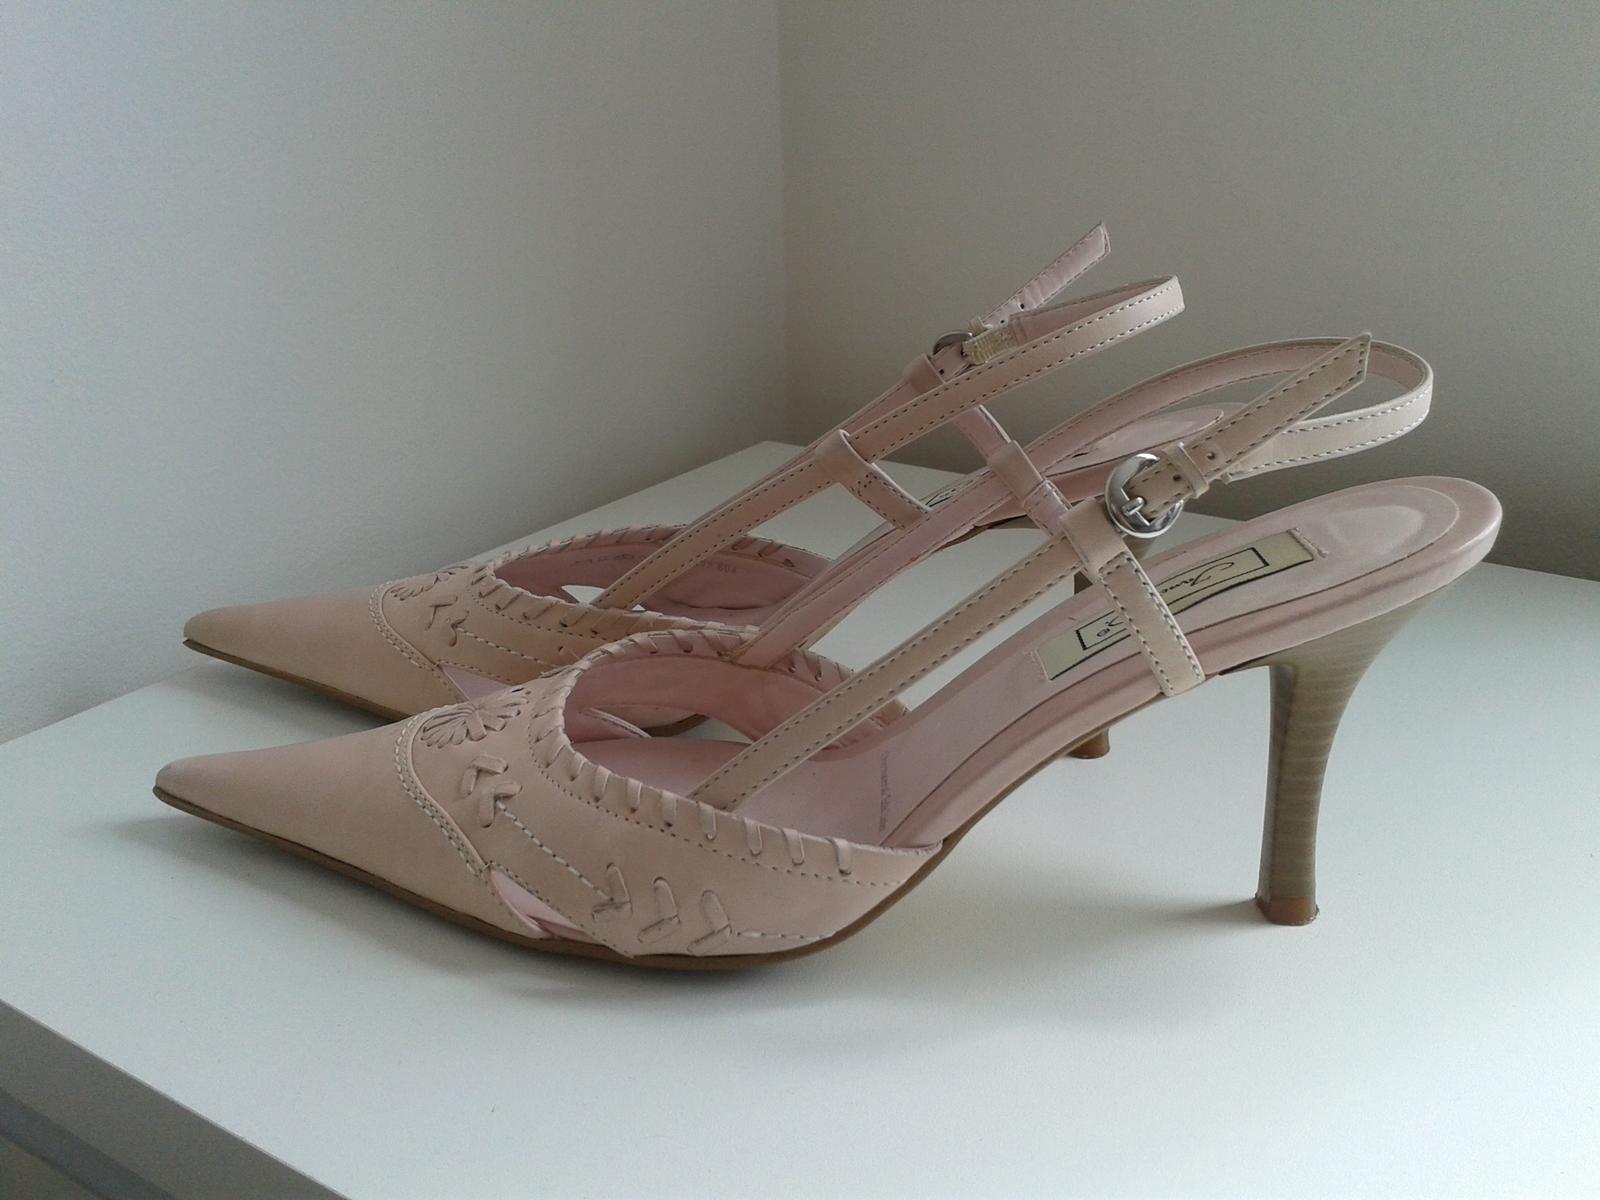 Elegantní jarní/letní lodičky, barva nádech růžové - Obrázek č. 3